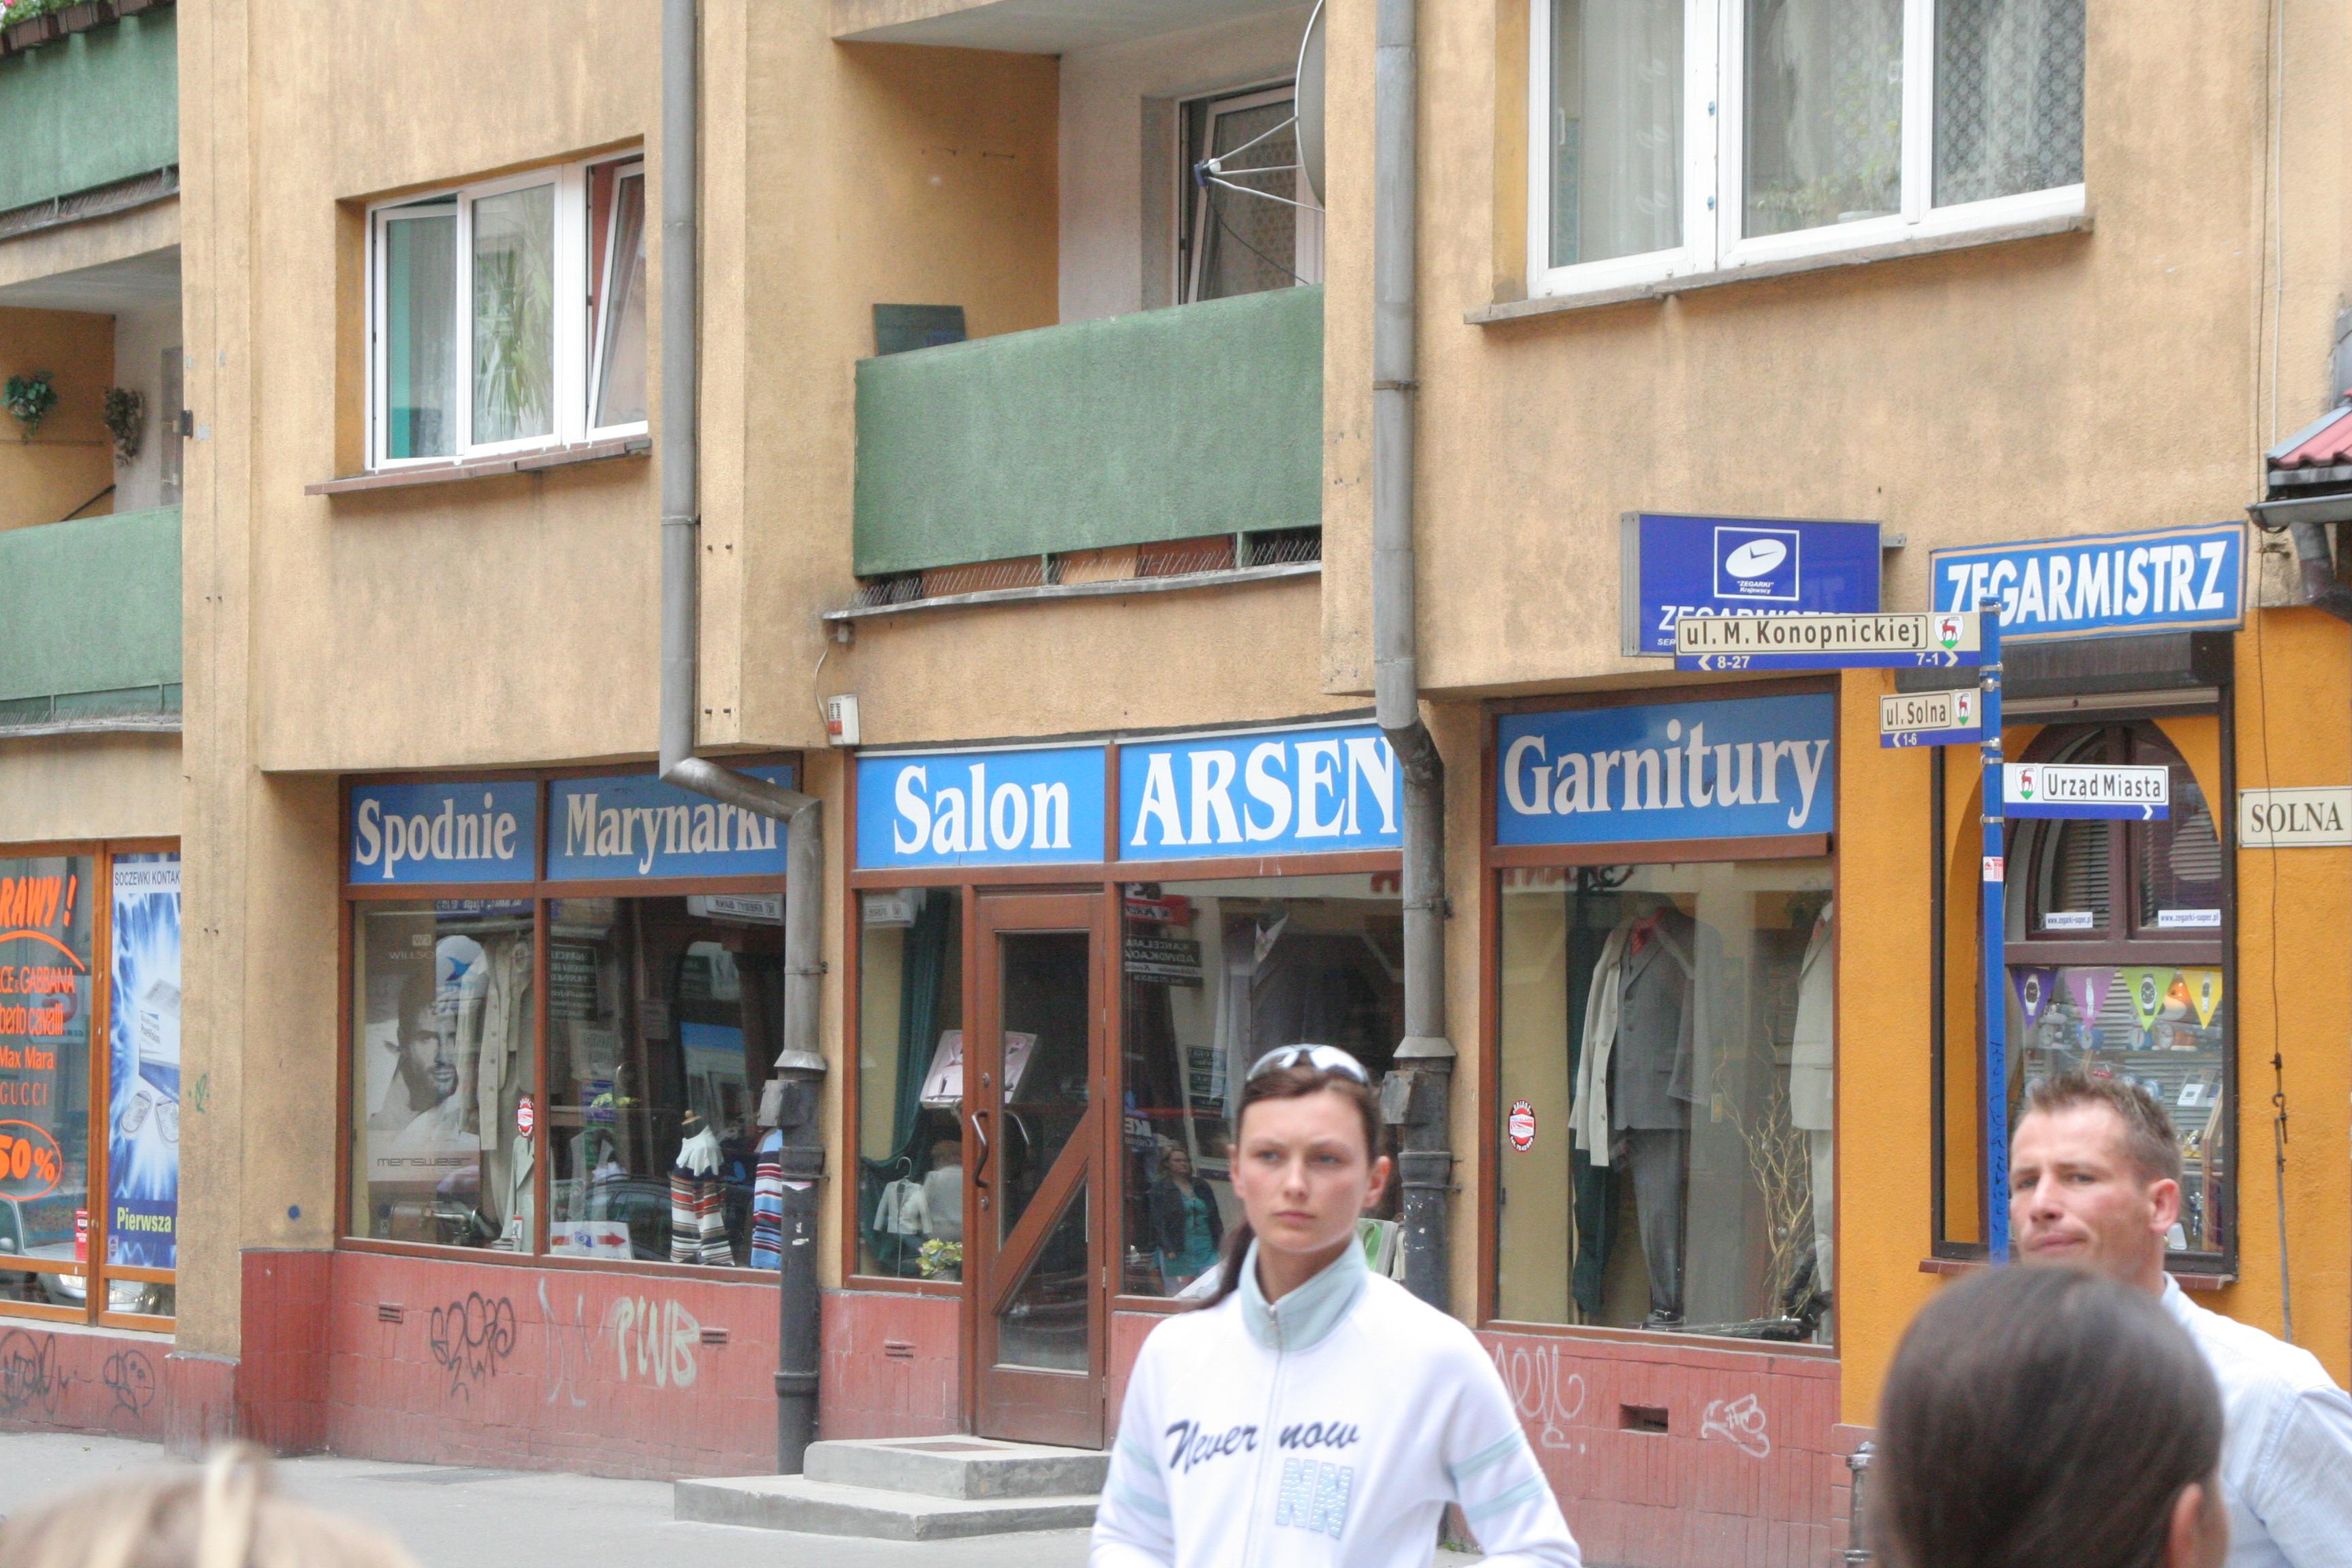 Jelenia Gora - Arsen